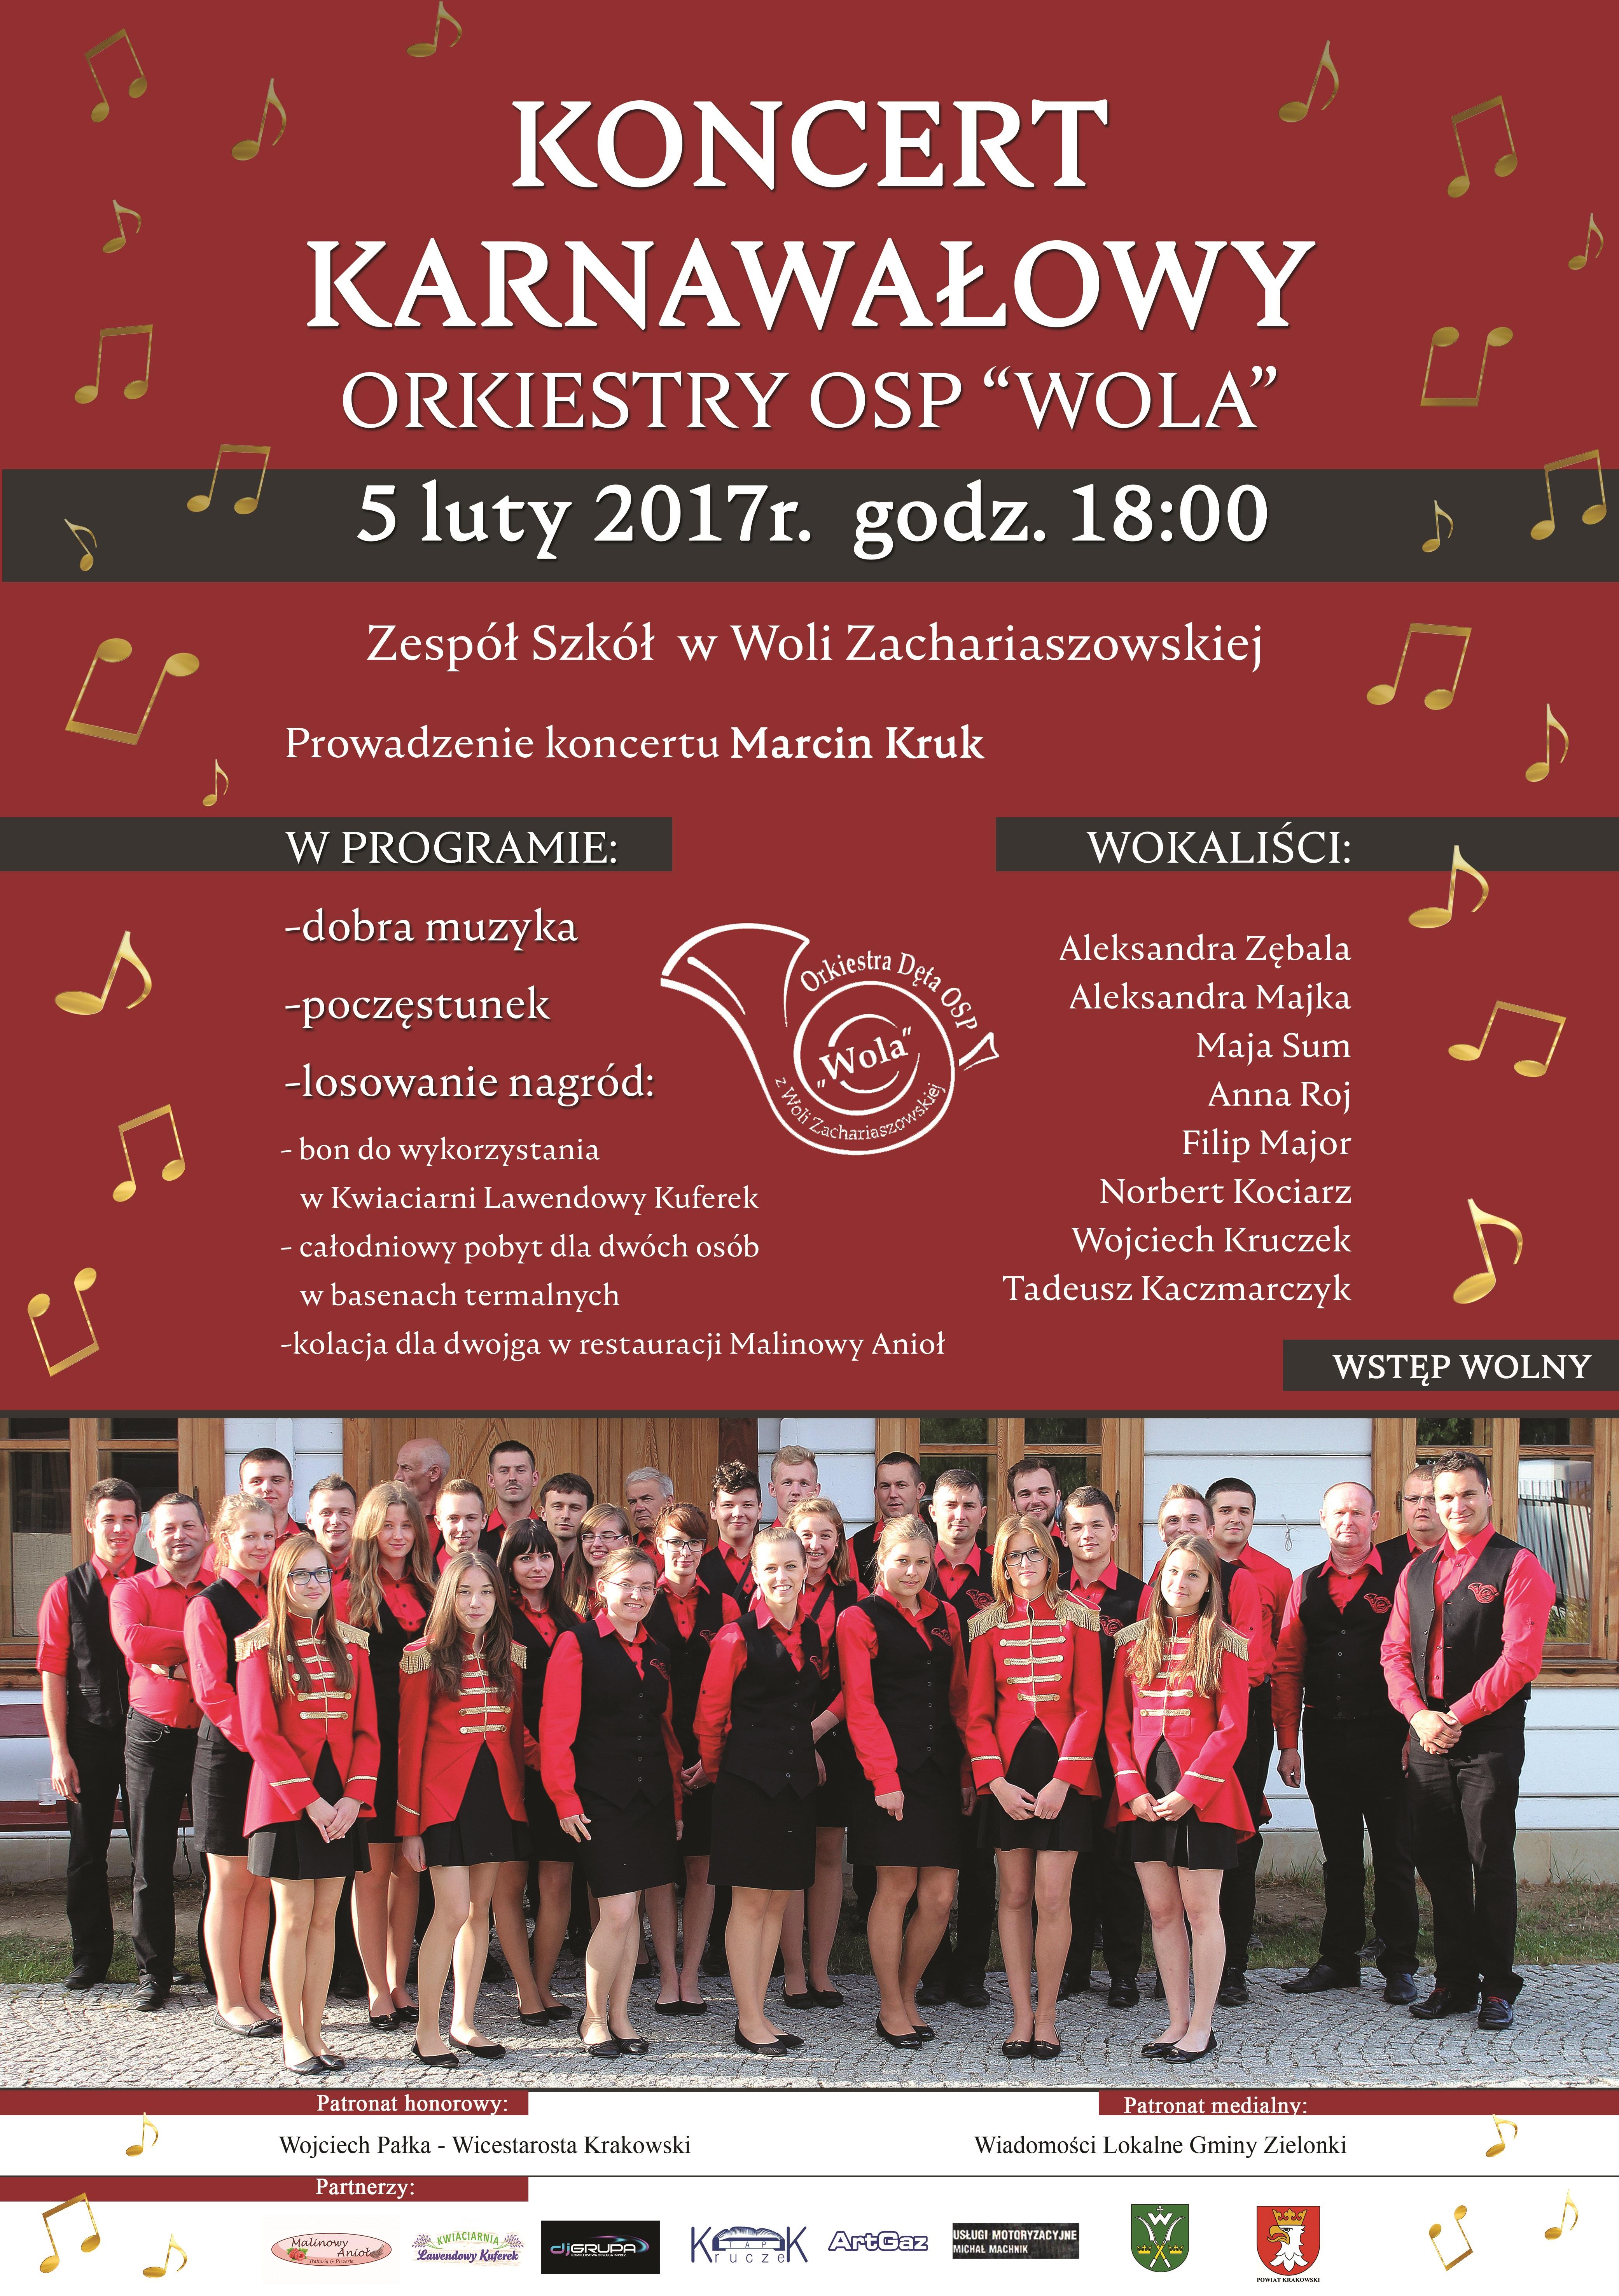 """Koncert Karnawałowy Orkiestry OSP """"WOLA"""" @ Zespół Szkół w Woli Zachariaszowskiej   Wola Zachariaszowska   małopolskie   Polska"""